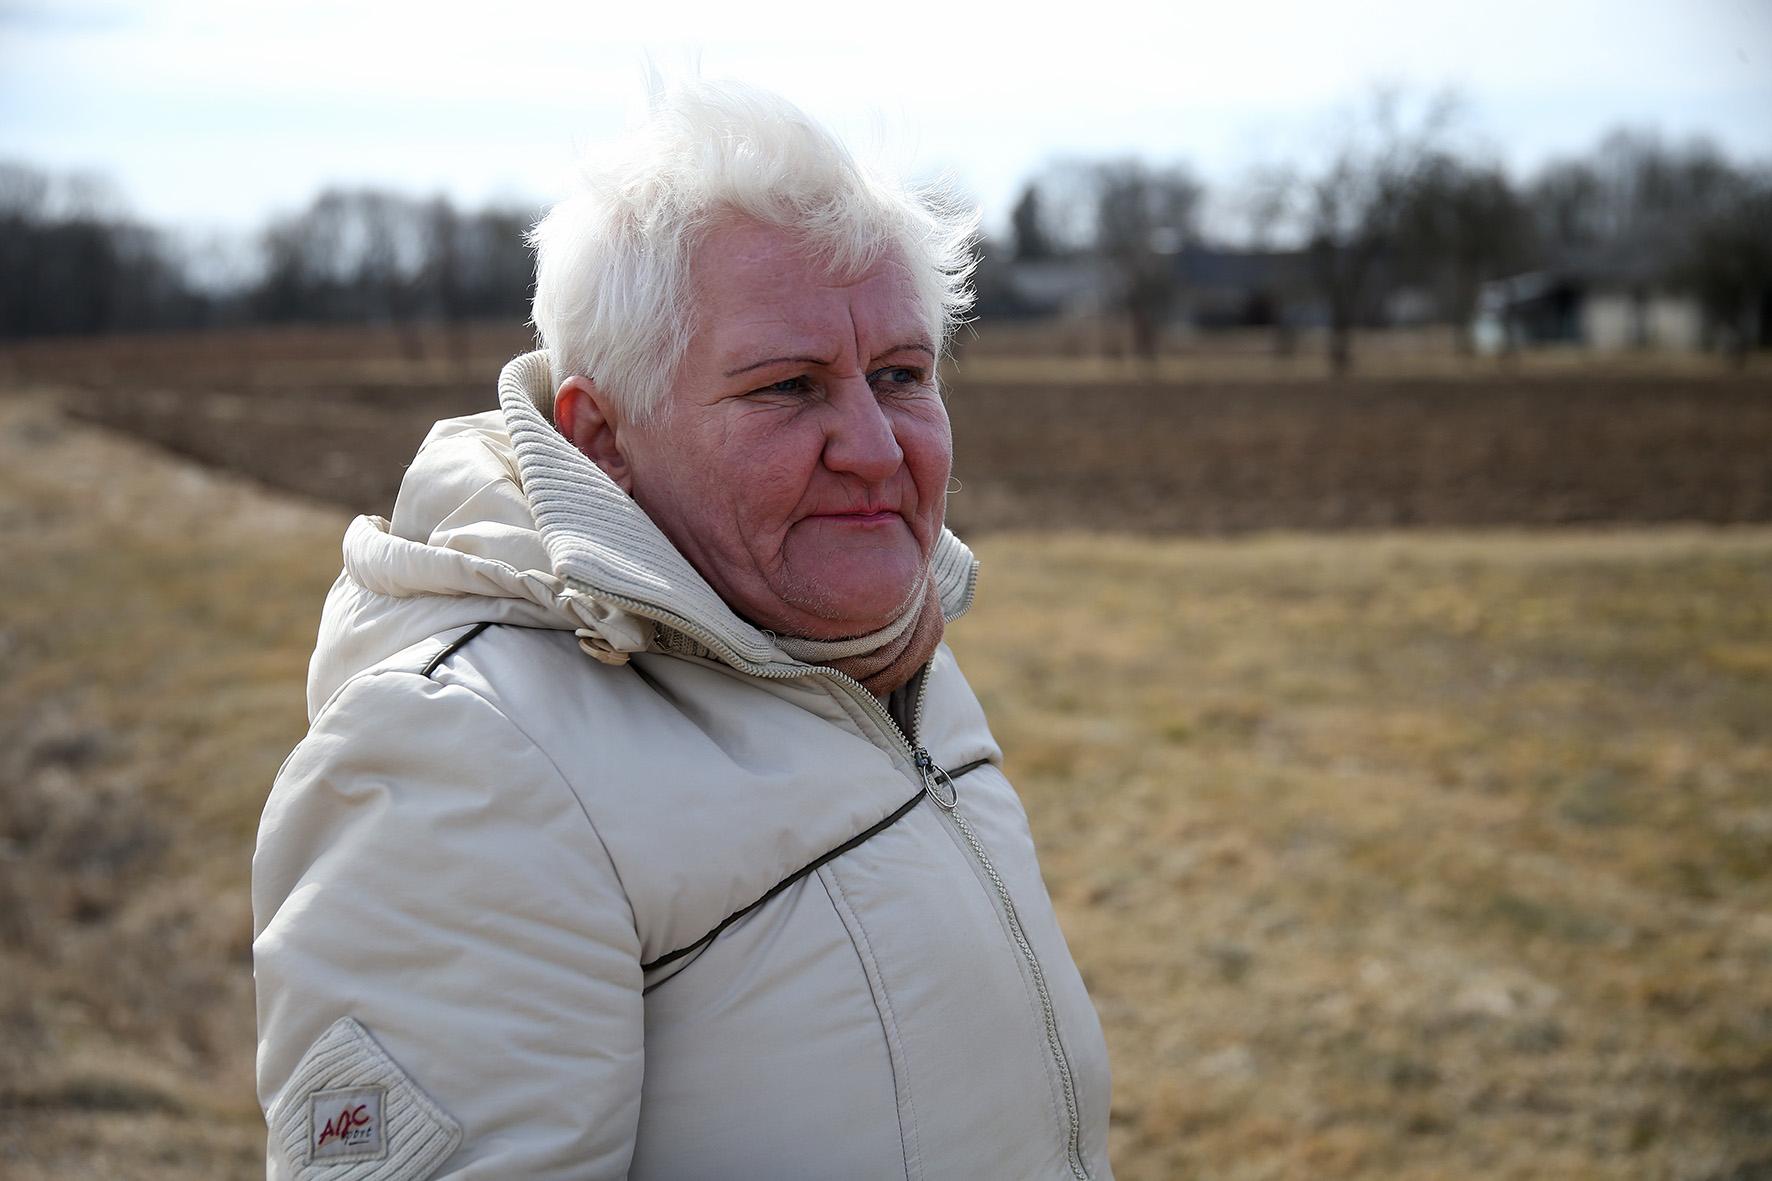 Jūratė sako, kad didžioji dalis kaime gyvenančių vyresnio amžiaus žmonių pragyvena iš gaunamų pensijų, o jaunesni važiuoja dirbti į Kėdainius ar kitus mūsų rajono miestelius. A. Barzdžiaus nuotr.